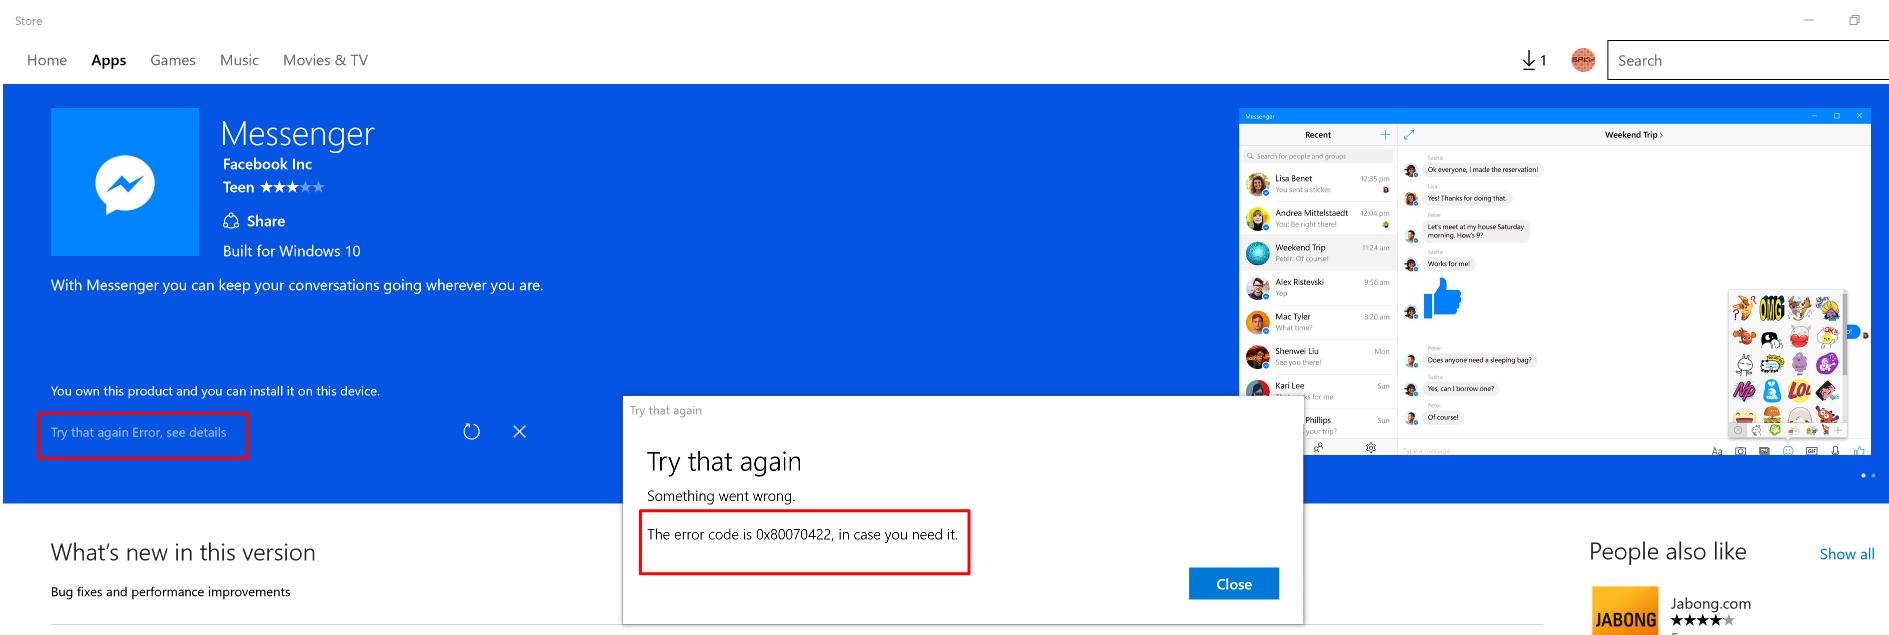 How to Fix Windows Update Error Code 0x80070490